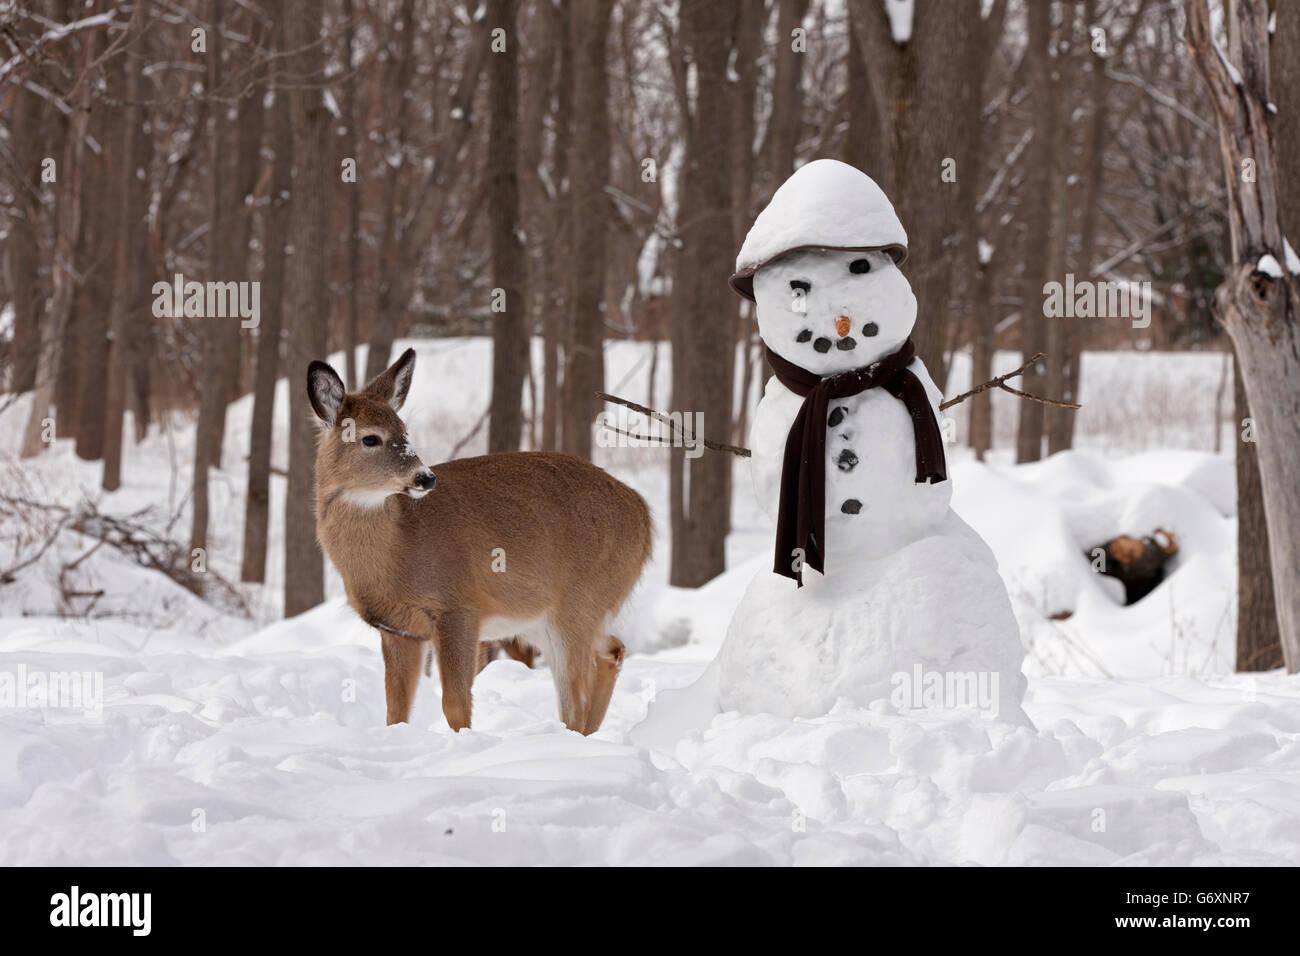 Deer in winter, snowman - Stock Image